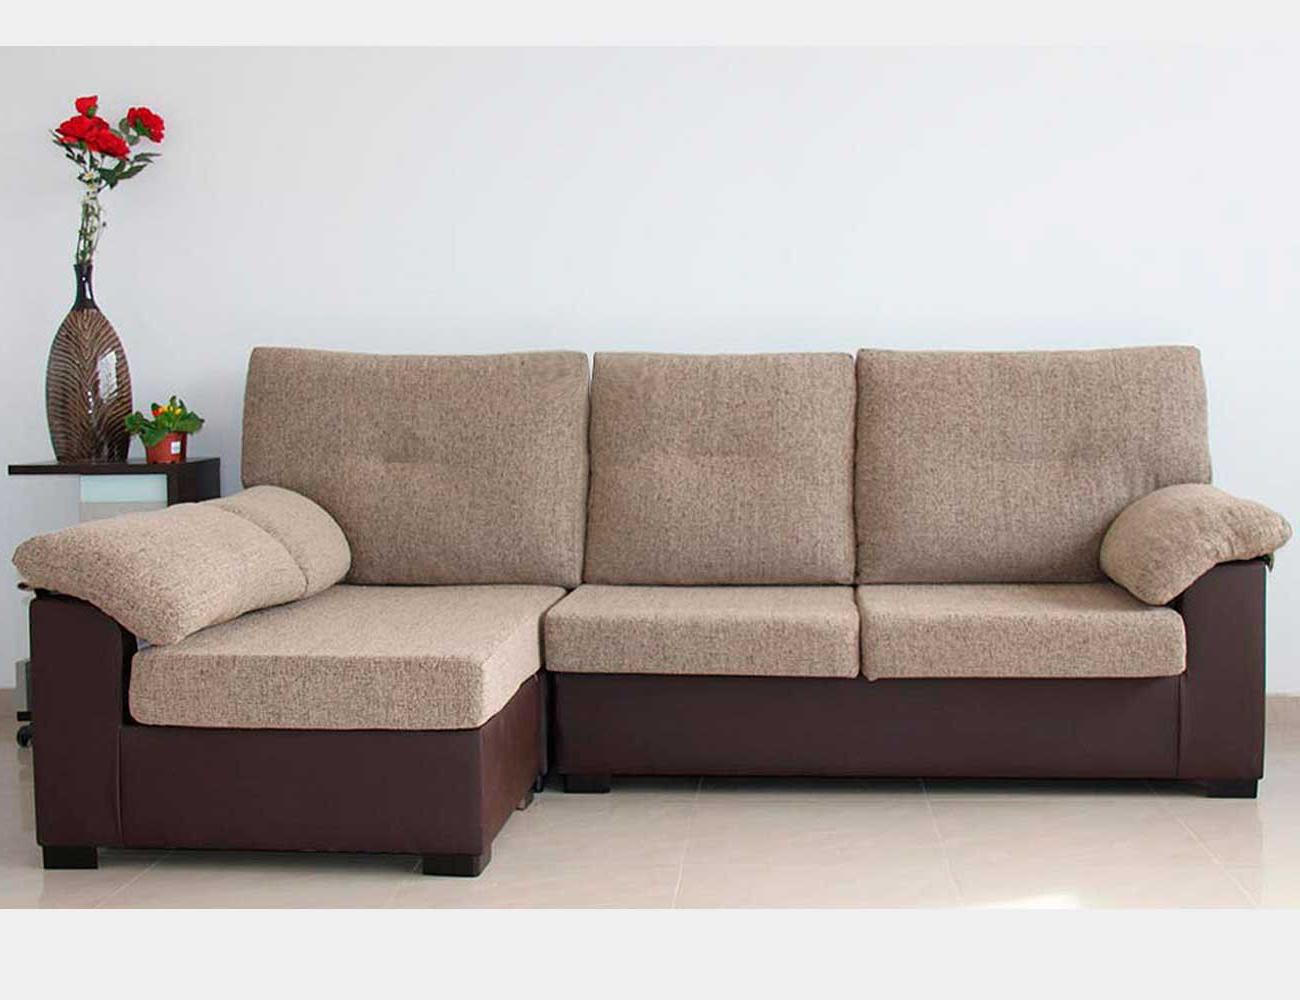 Sofa Chaise Longue Pequeño 0gdr Excelente sofas Cheslong Baratos Nuevo Del sofa Chaise Longue Peque